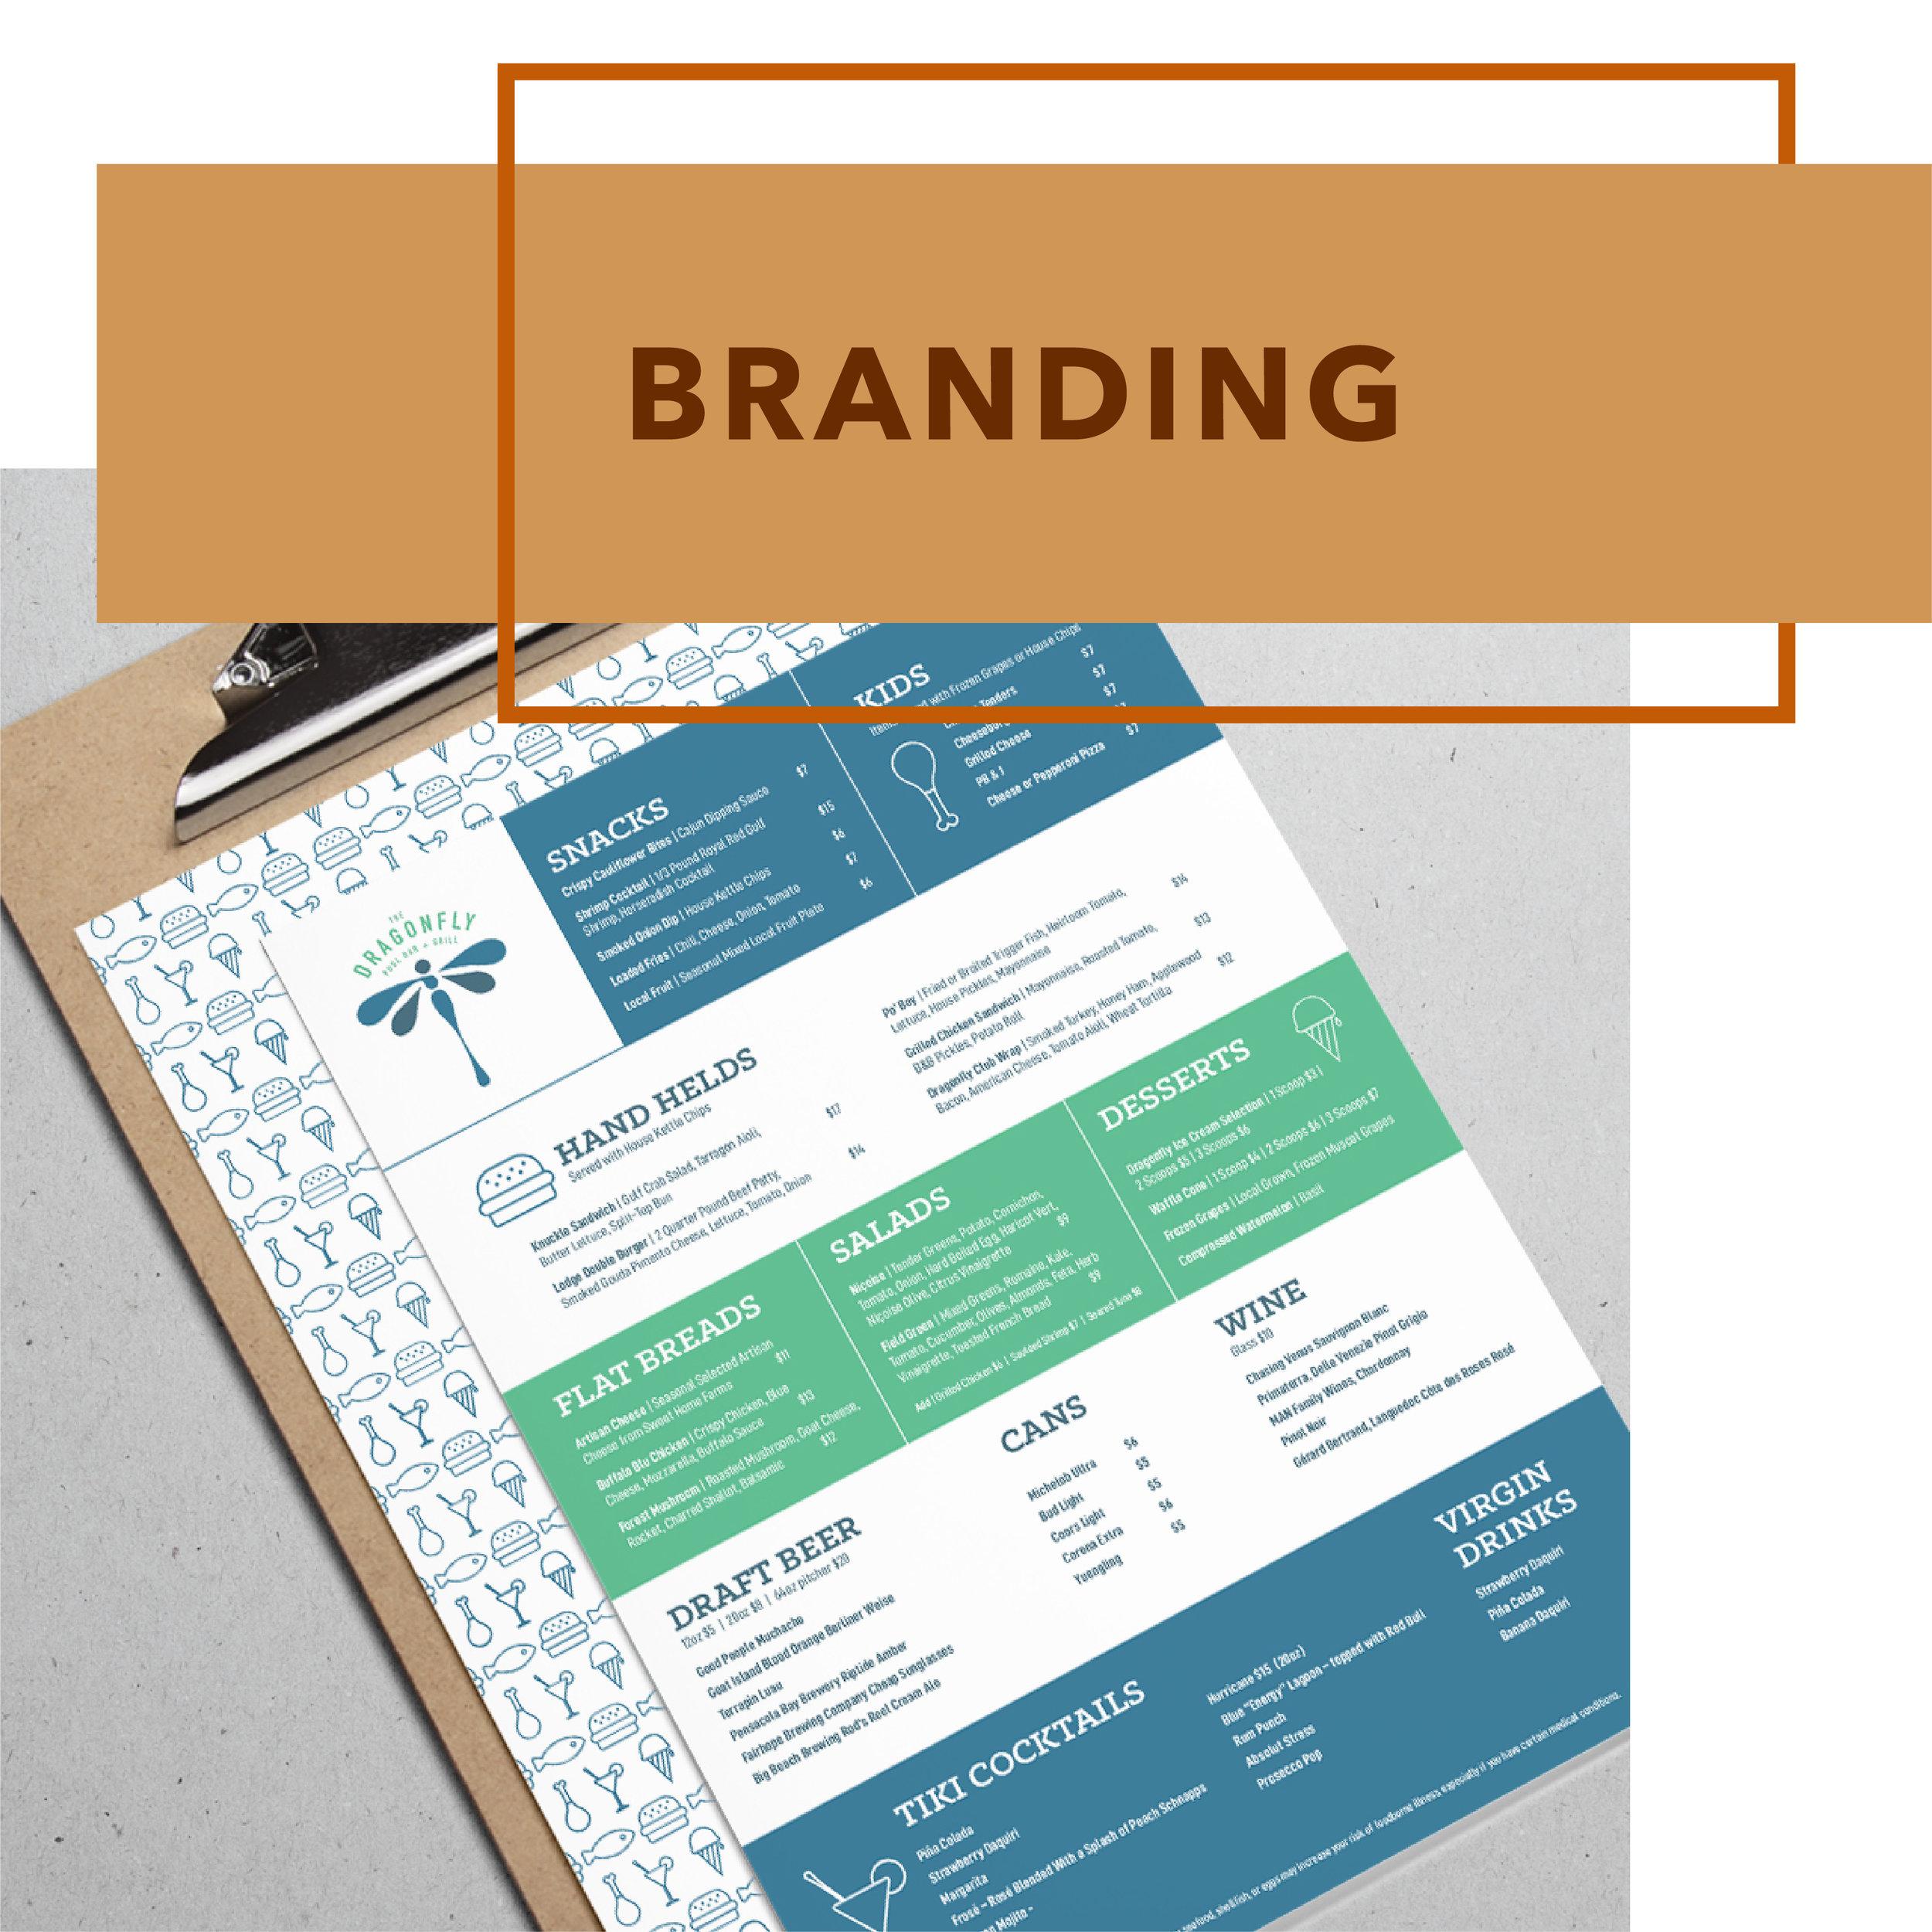 Branding Image 3.jpg